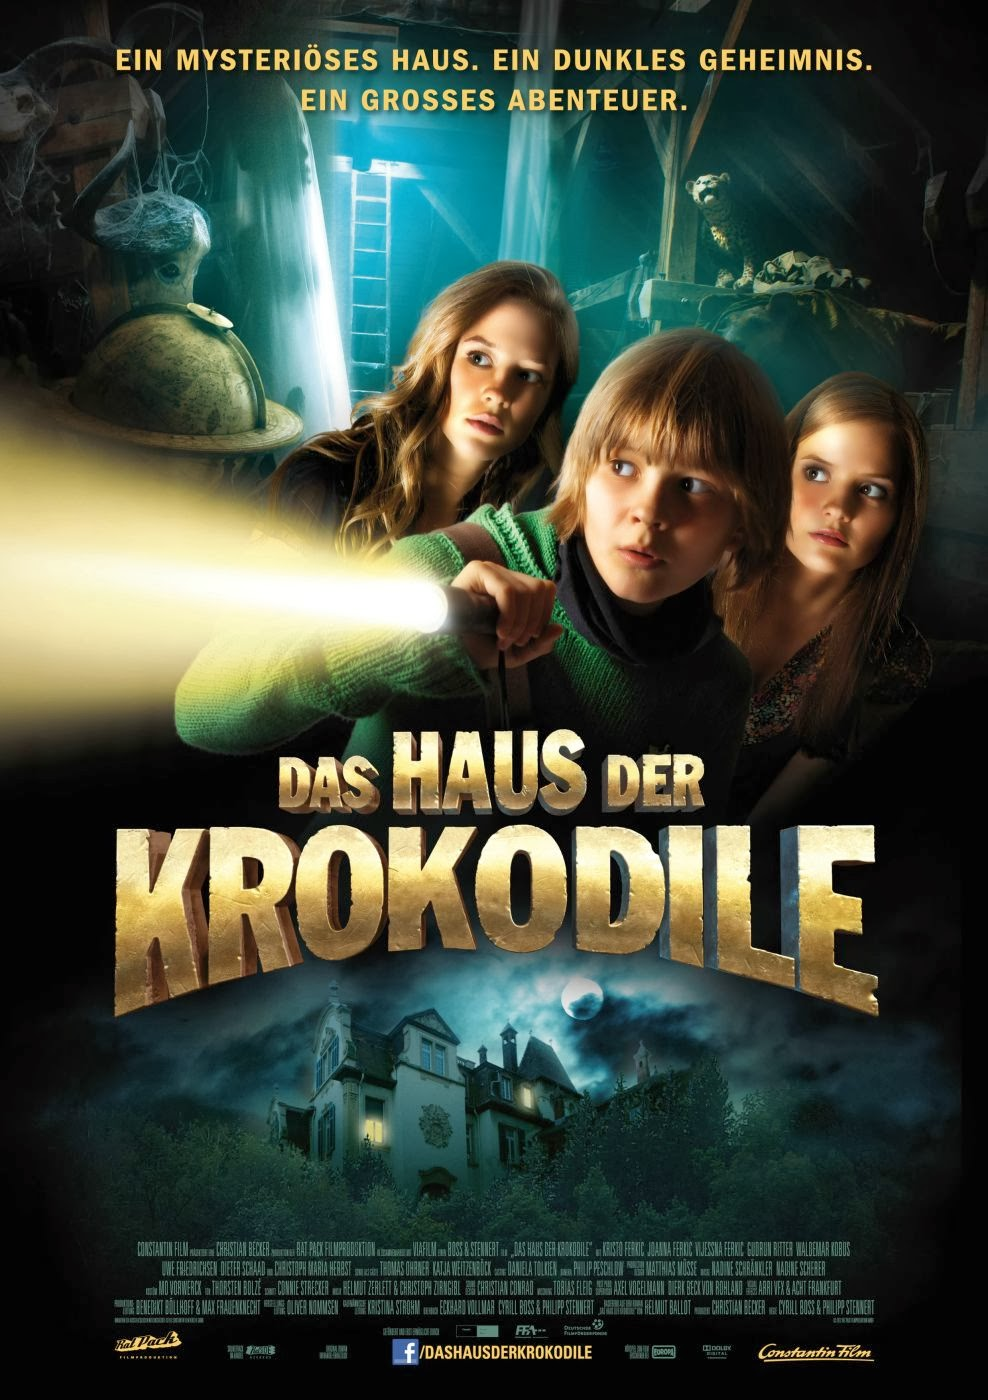 Das Haus der Krokodile (2012)